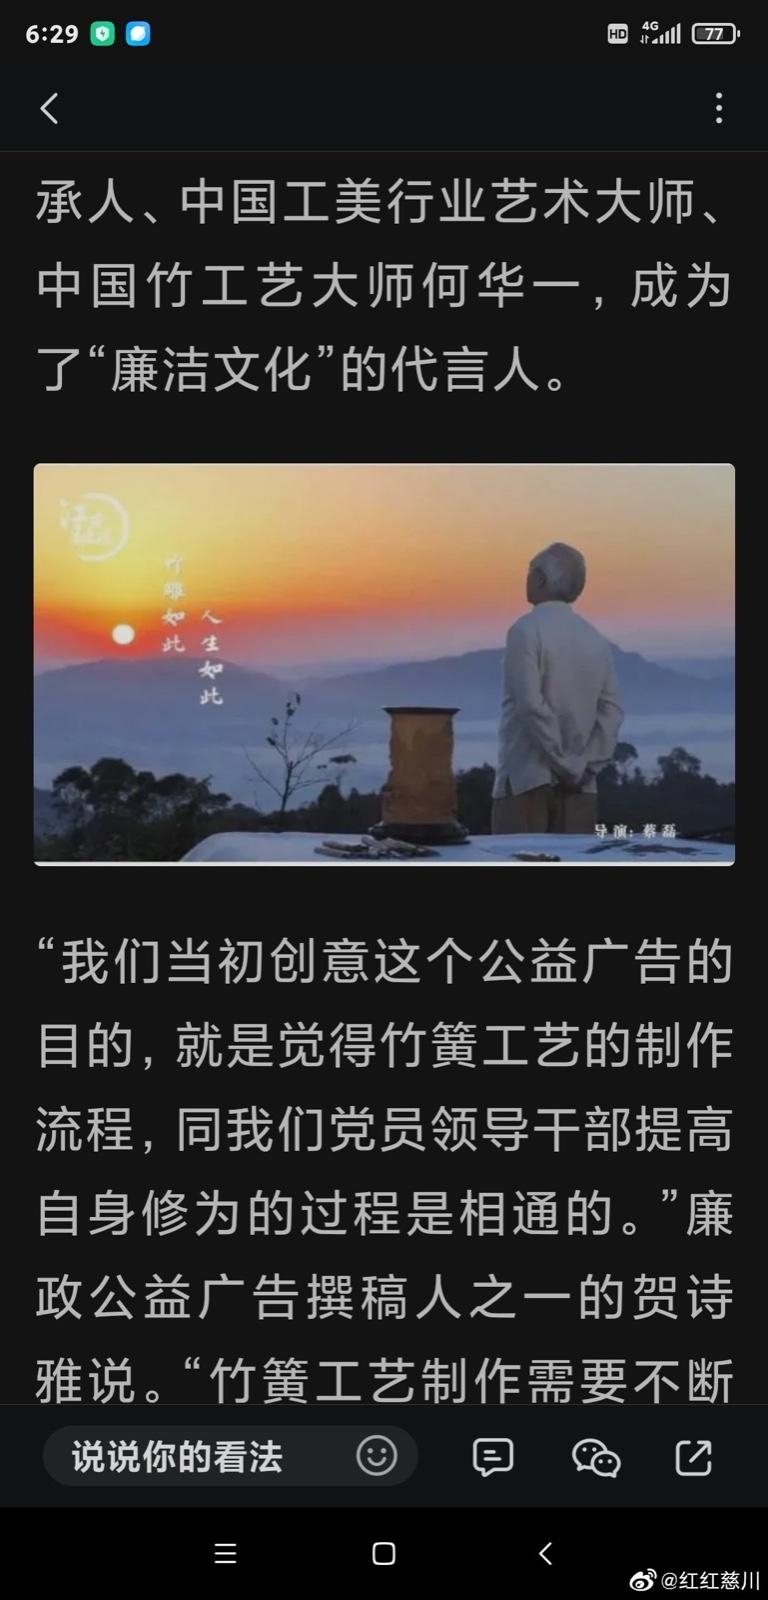 长宁有感_图1-5